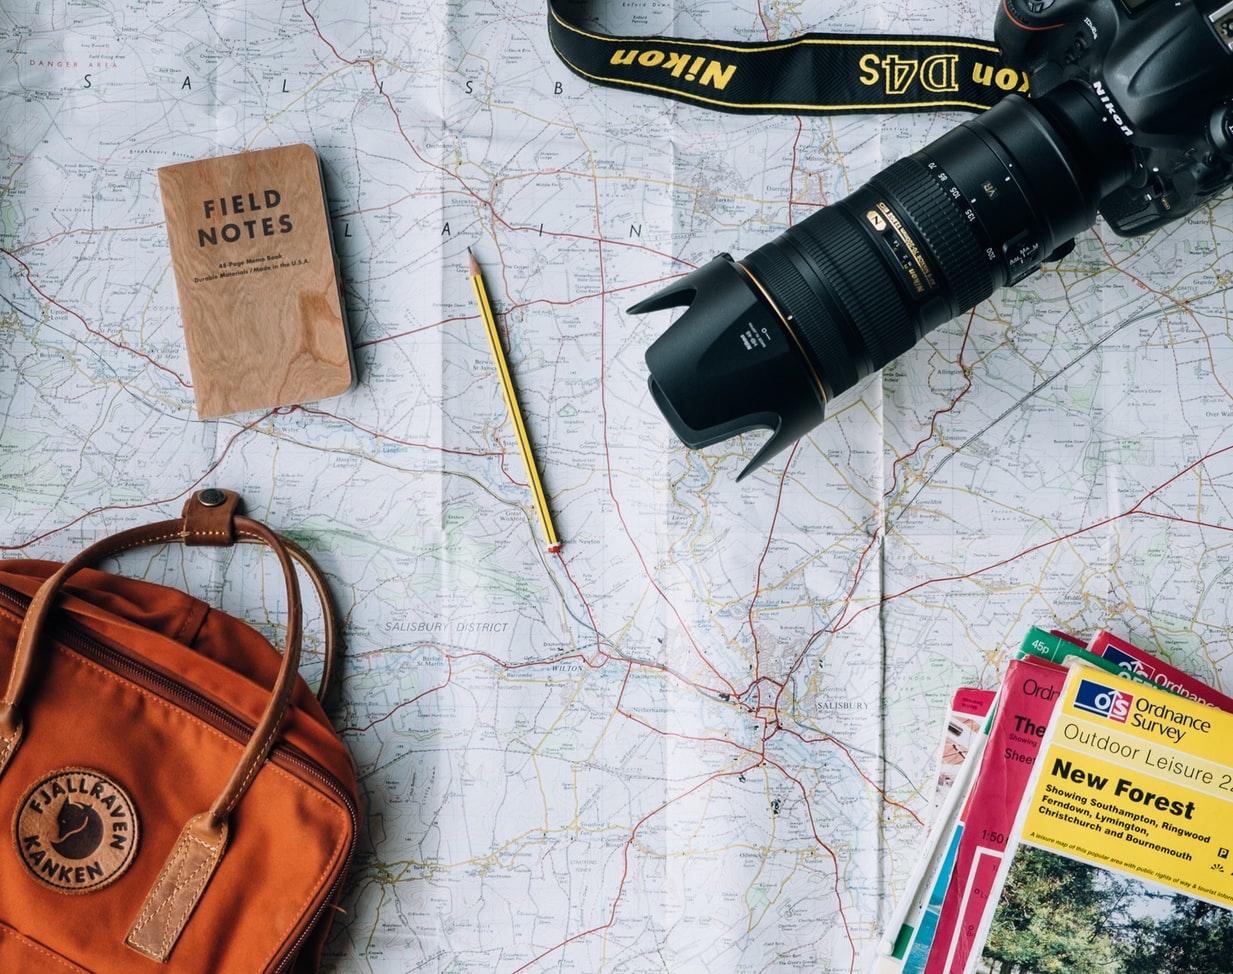 фотография карты и лежащего на ней путеводителя